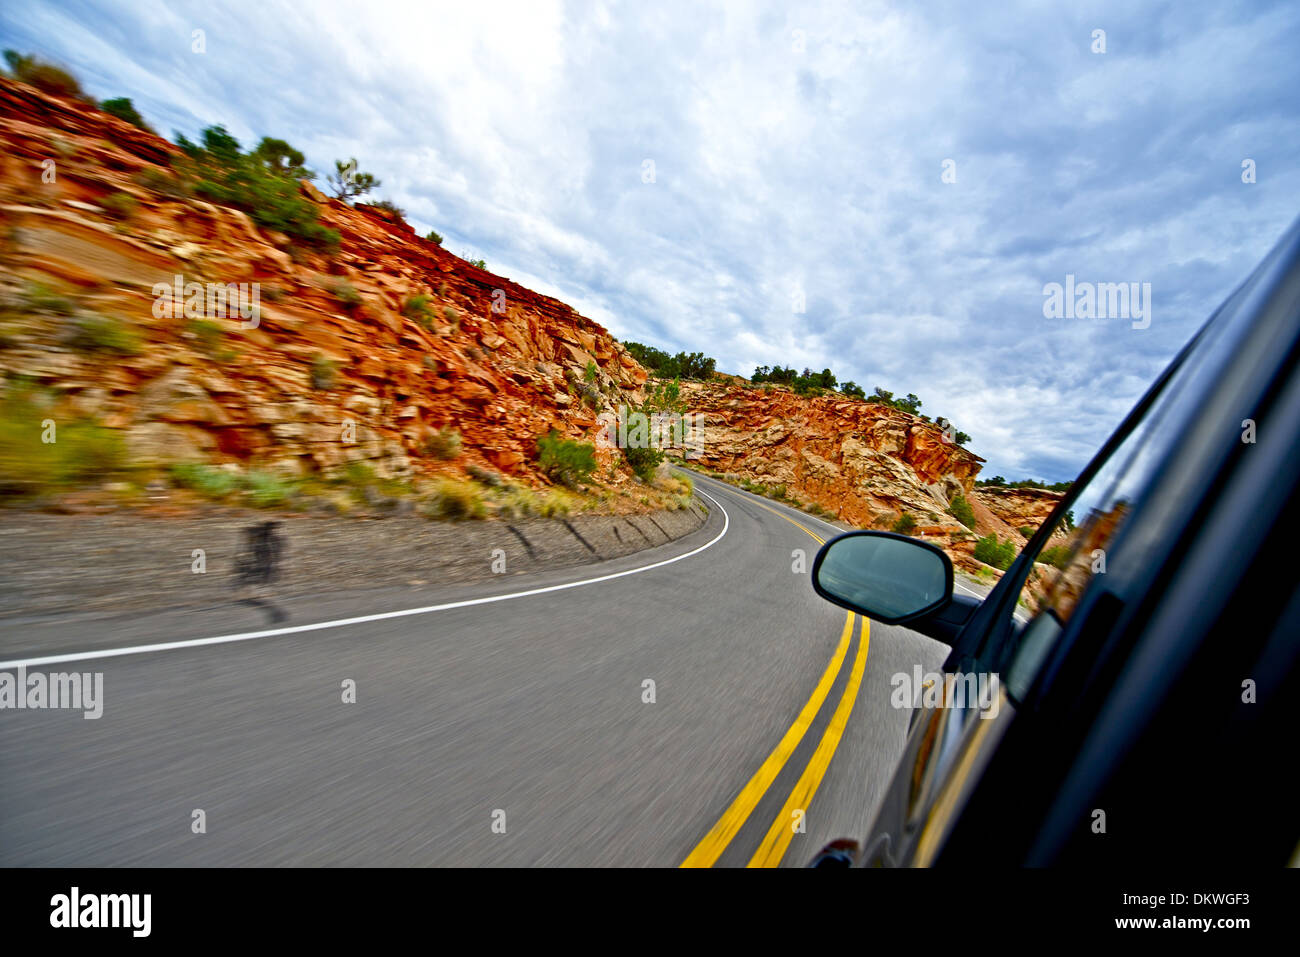 Utah Getaway. Driving Through Scenic Utah Route. Utah Landscape and Highway. Getaway Adventure Theme - Stock Image